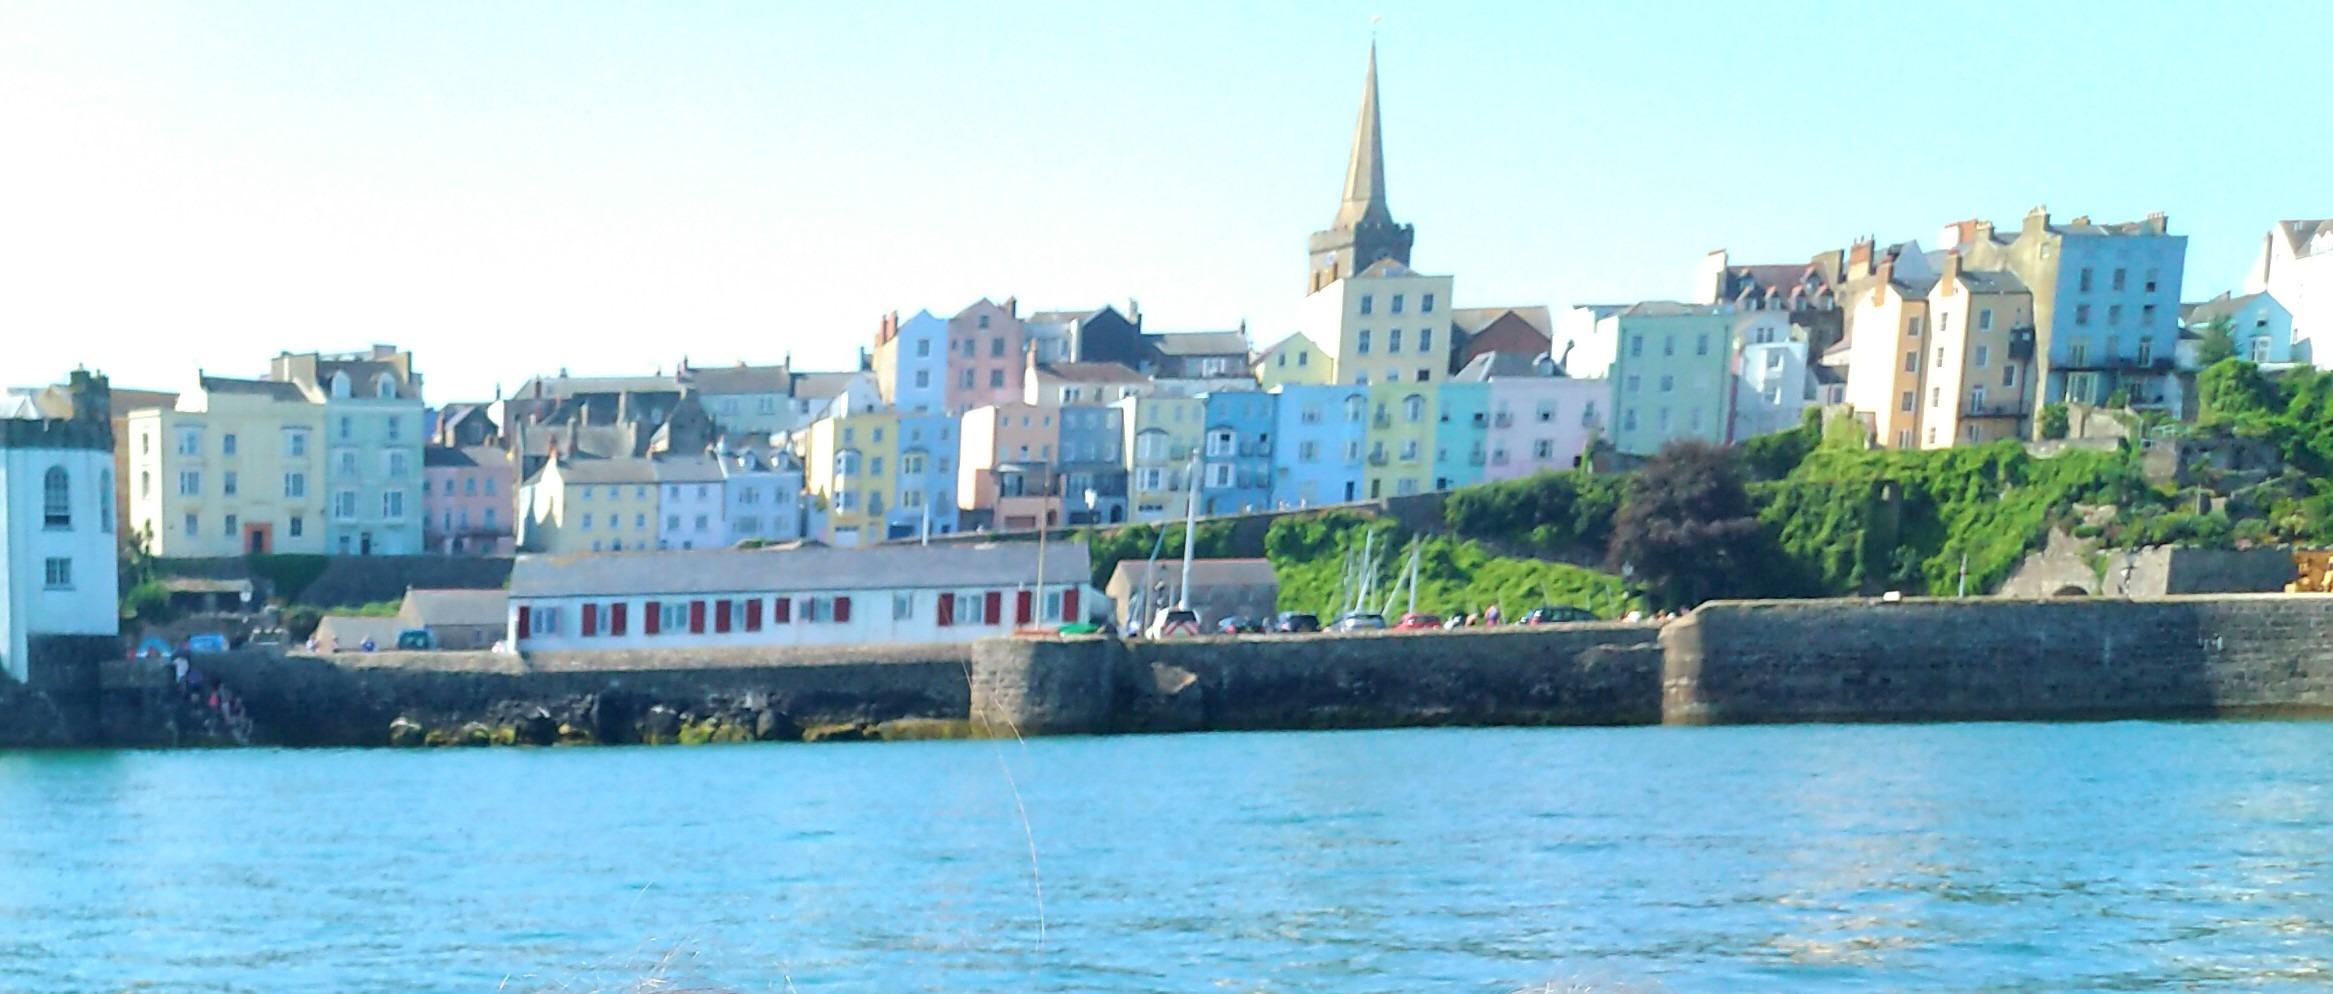 イギリスの観光 UK sightseeing seaside